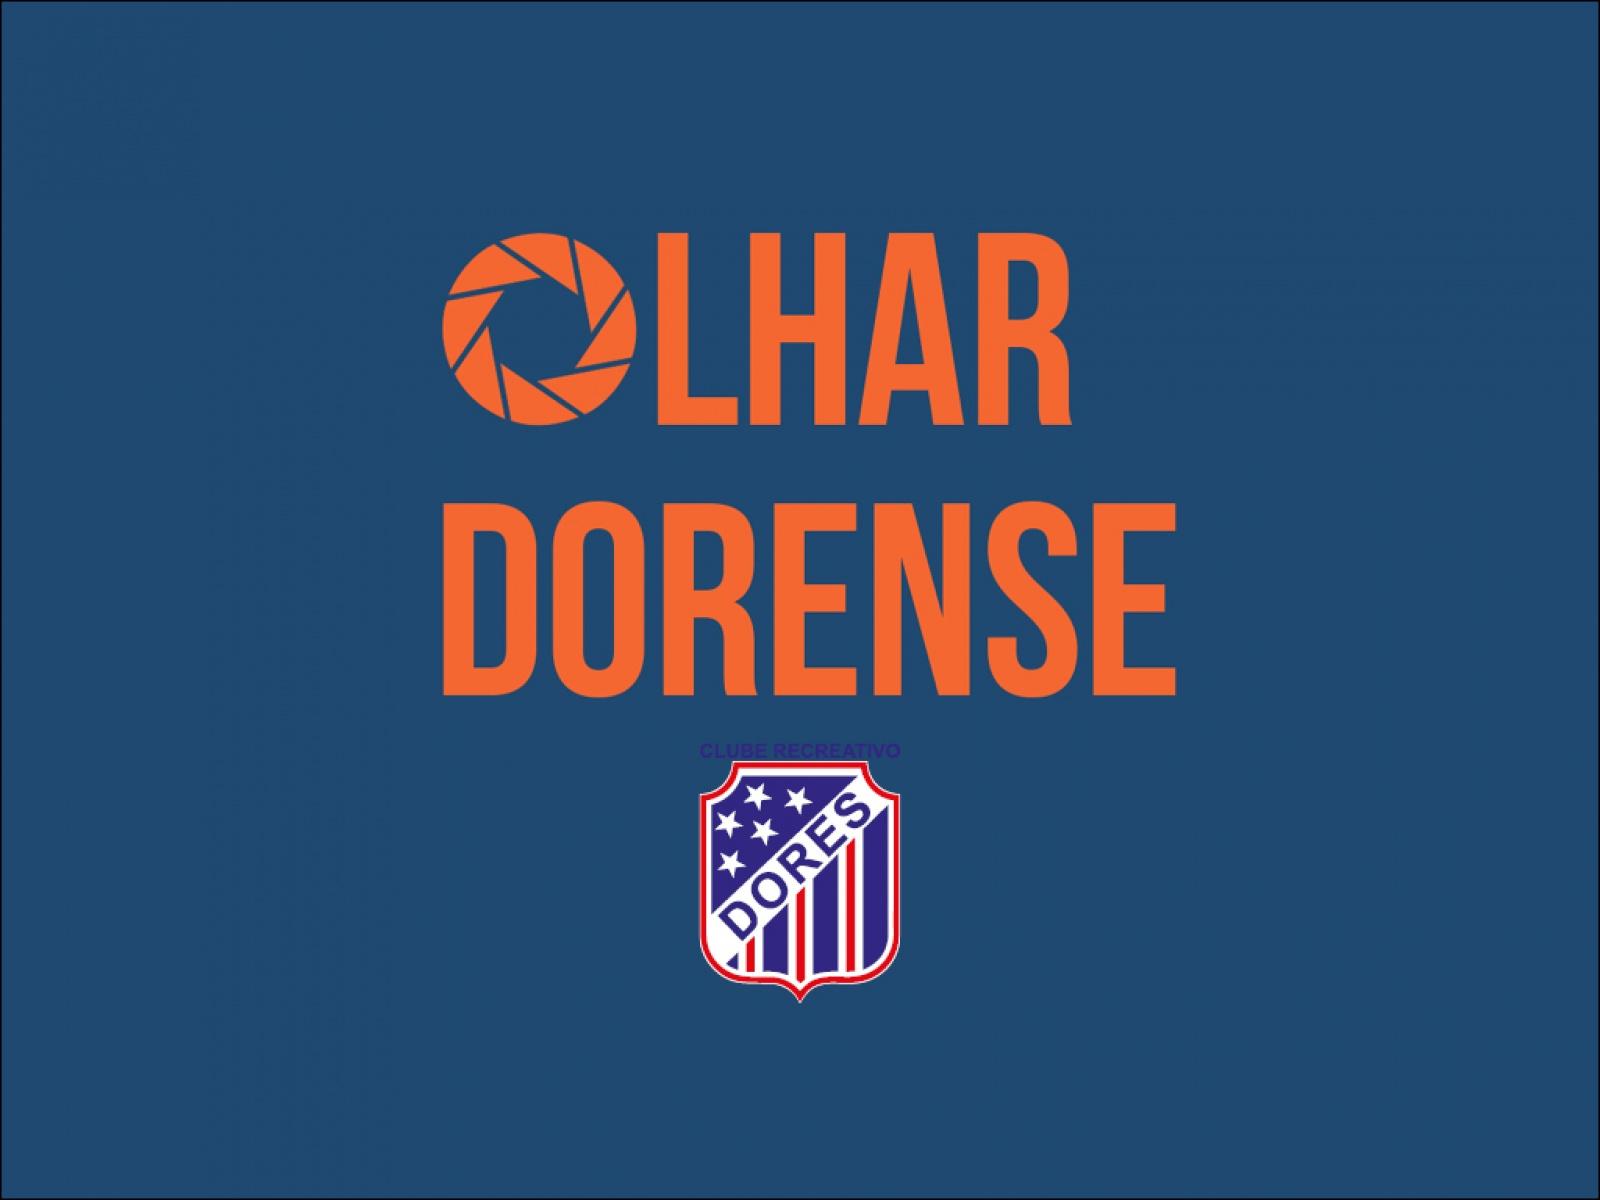 Olhar Dorense